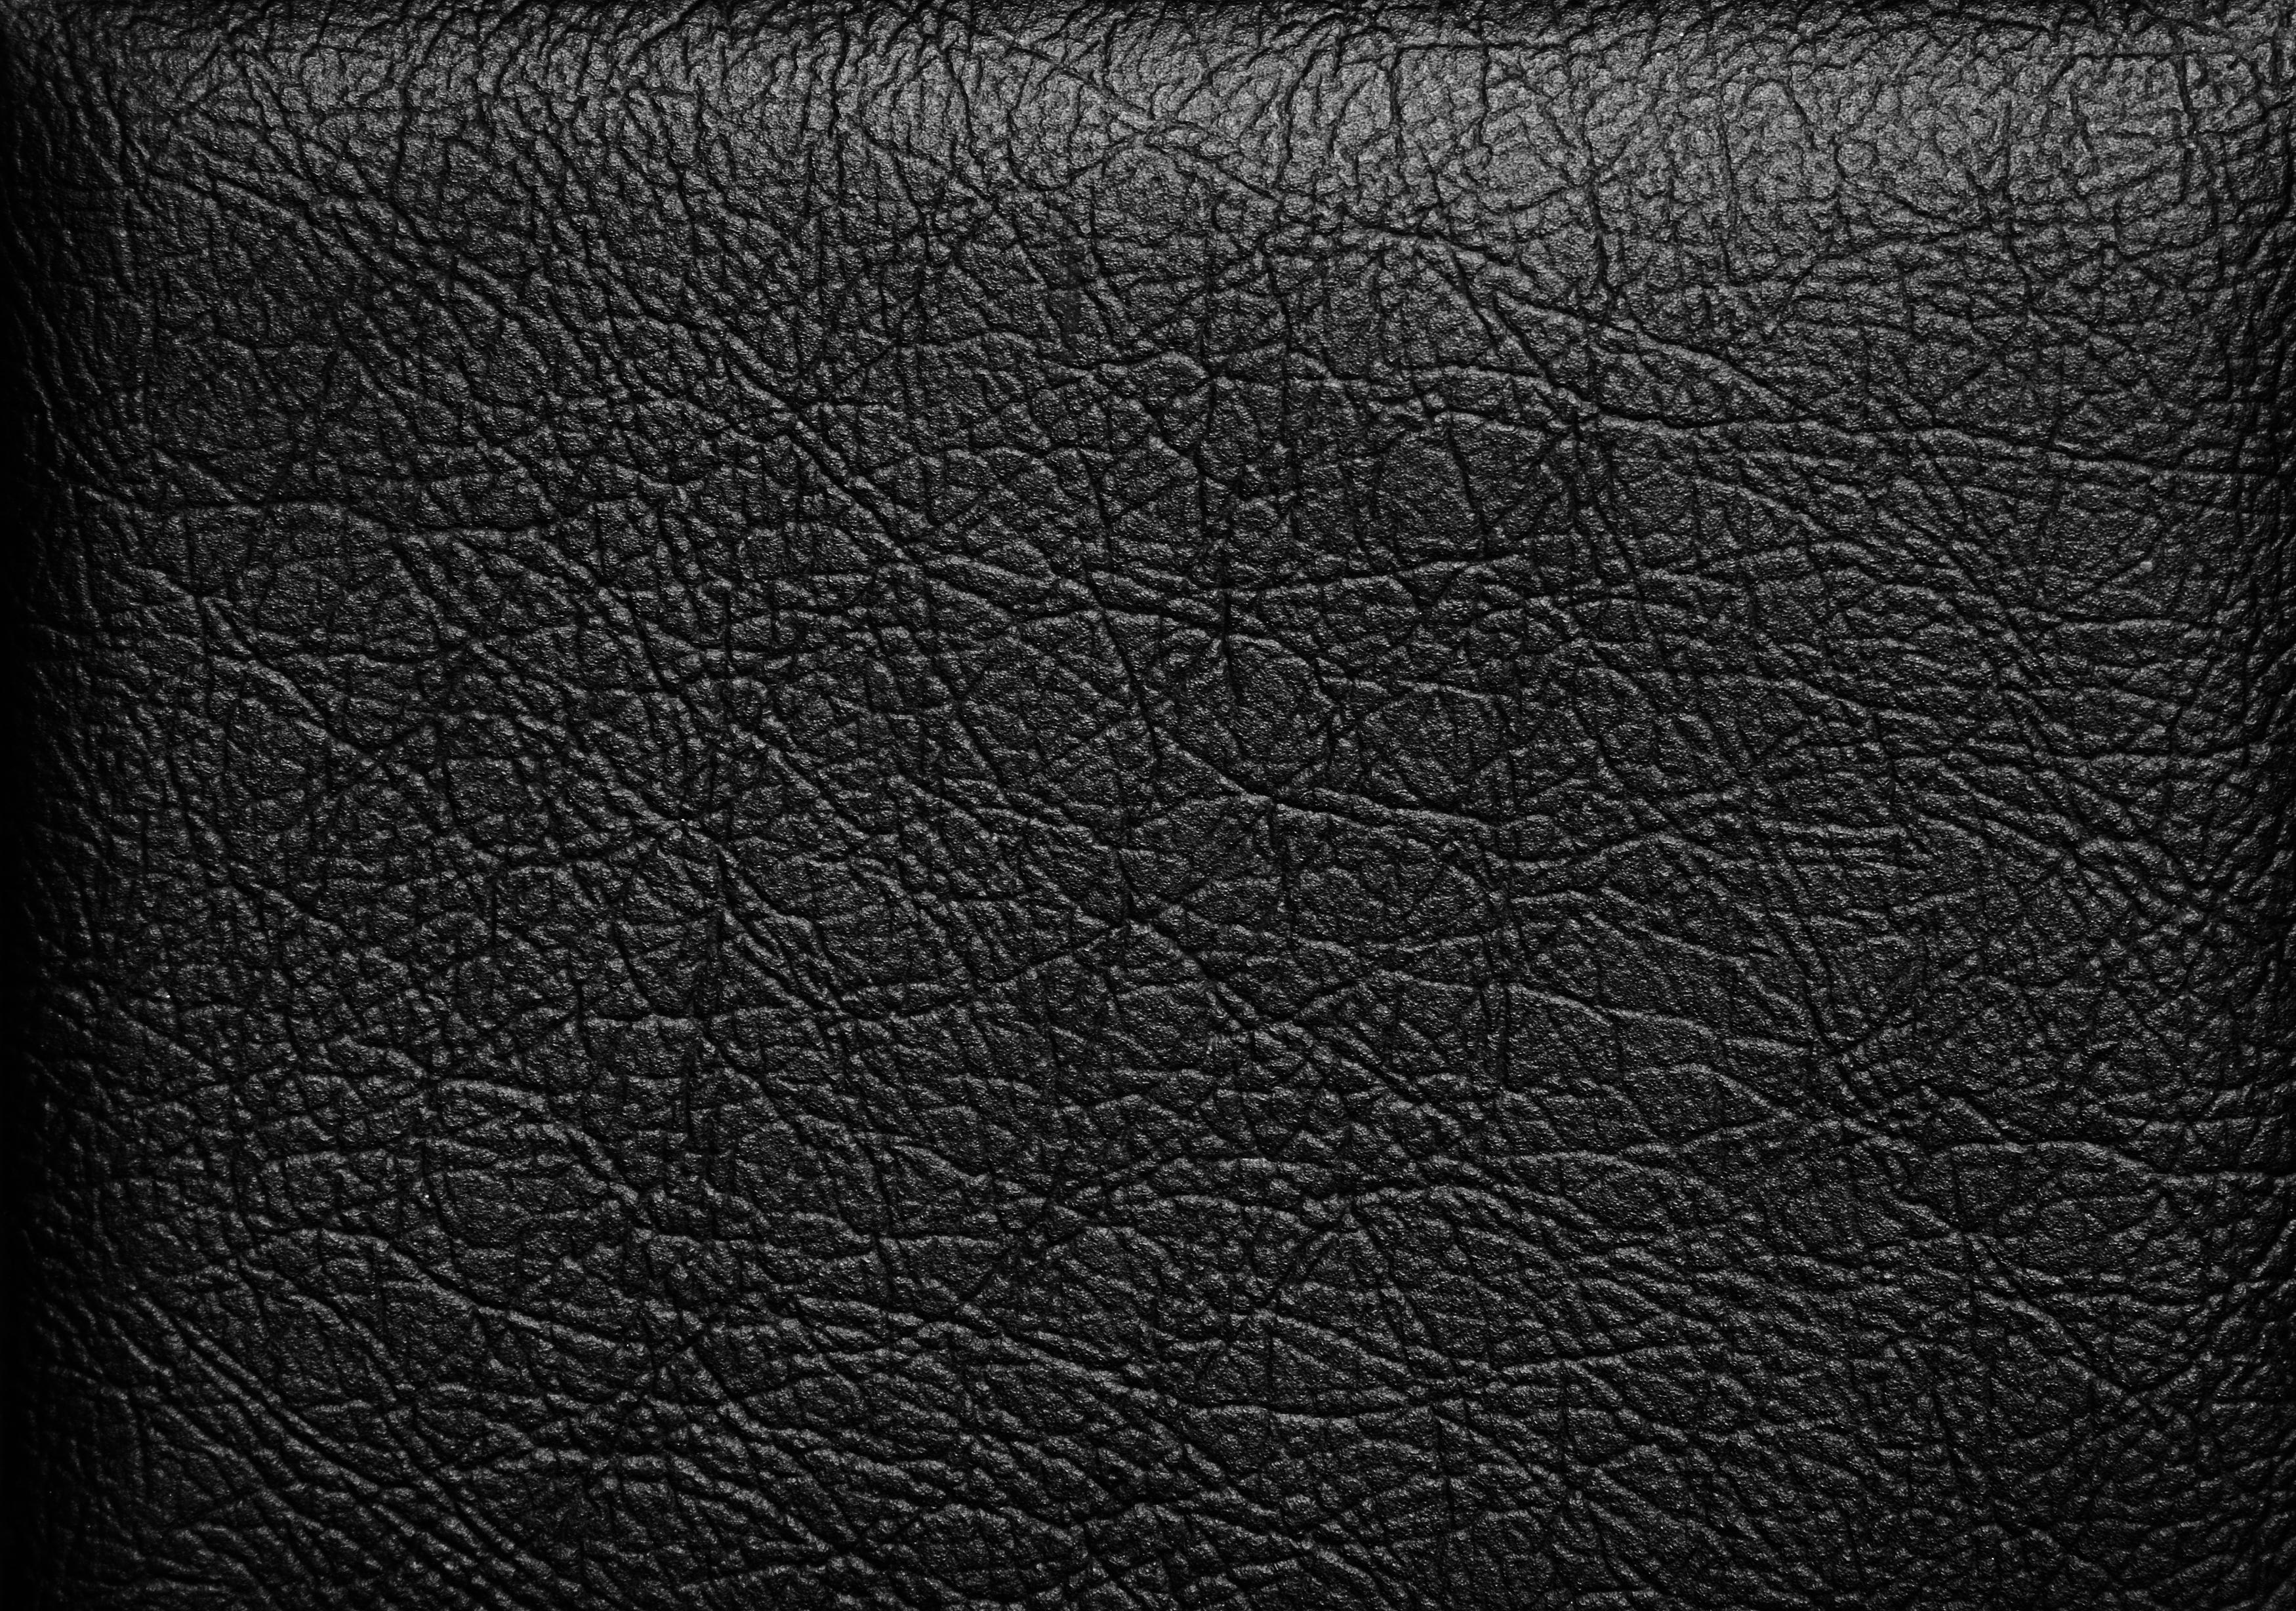 Black Leather Car Seat Paint